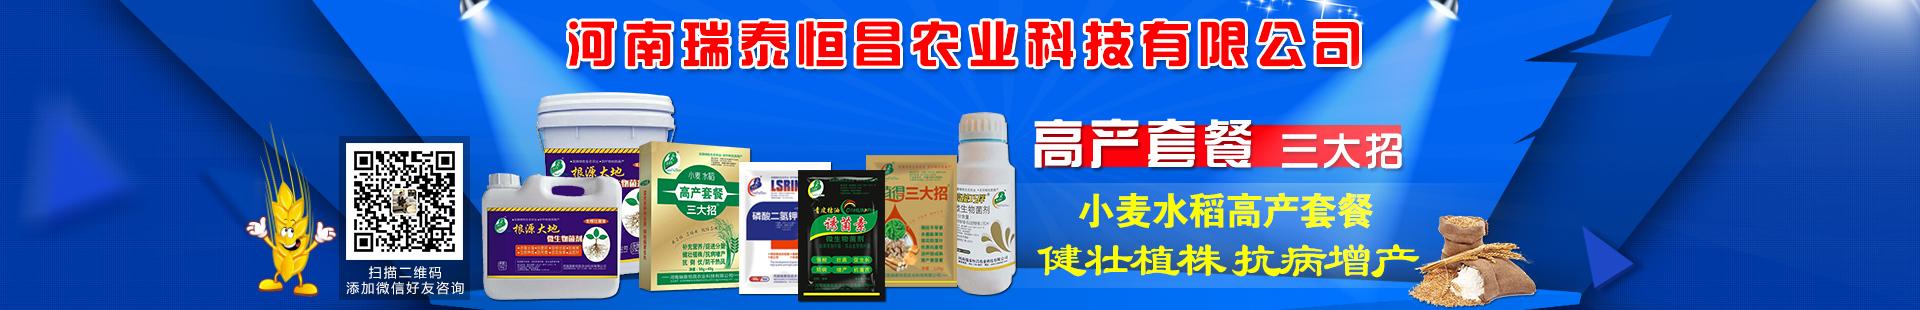 河南瑞泰恒昌农业科技有限公司